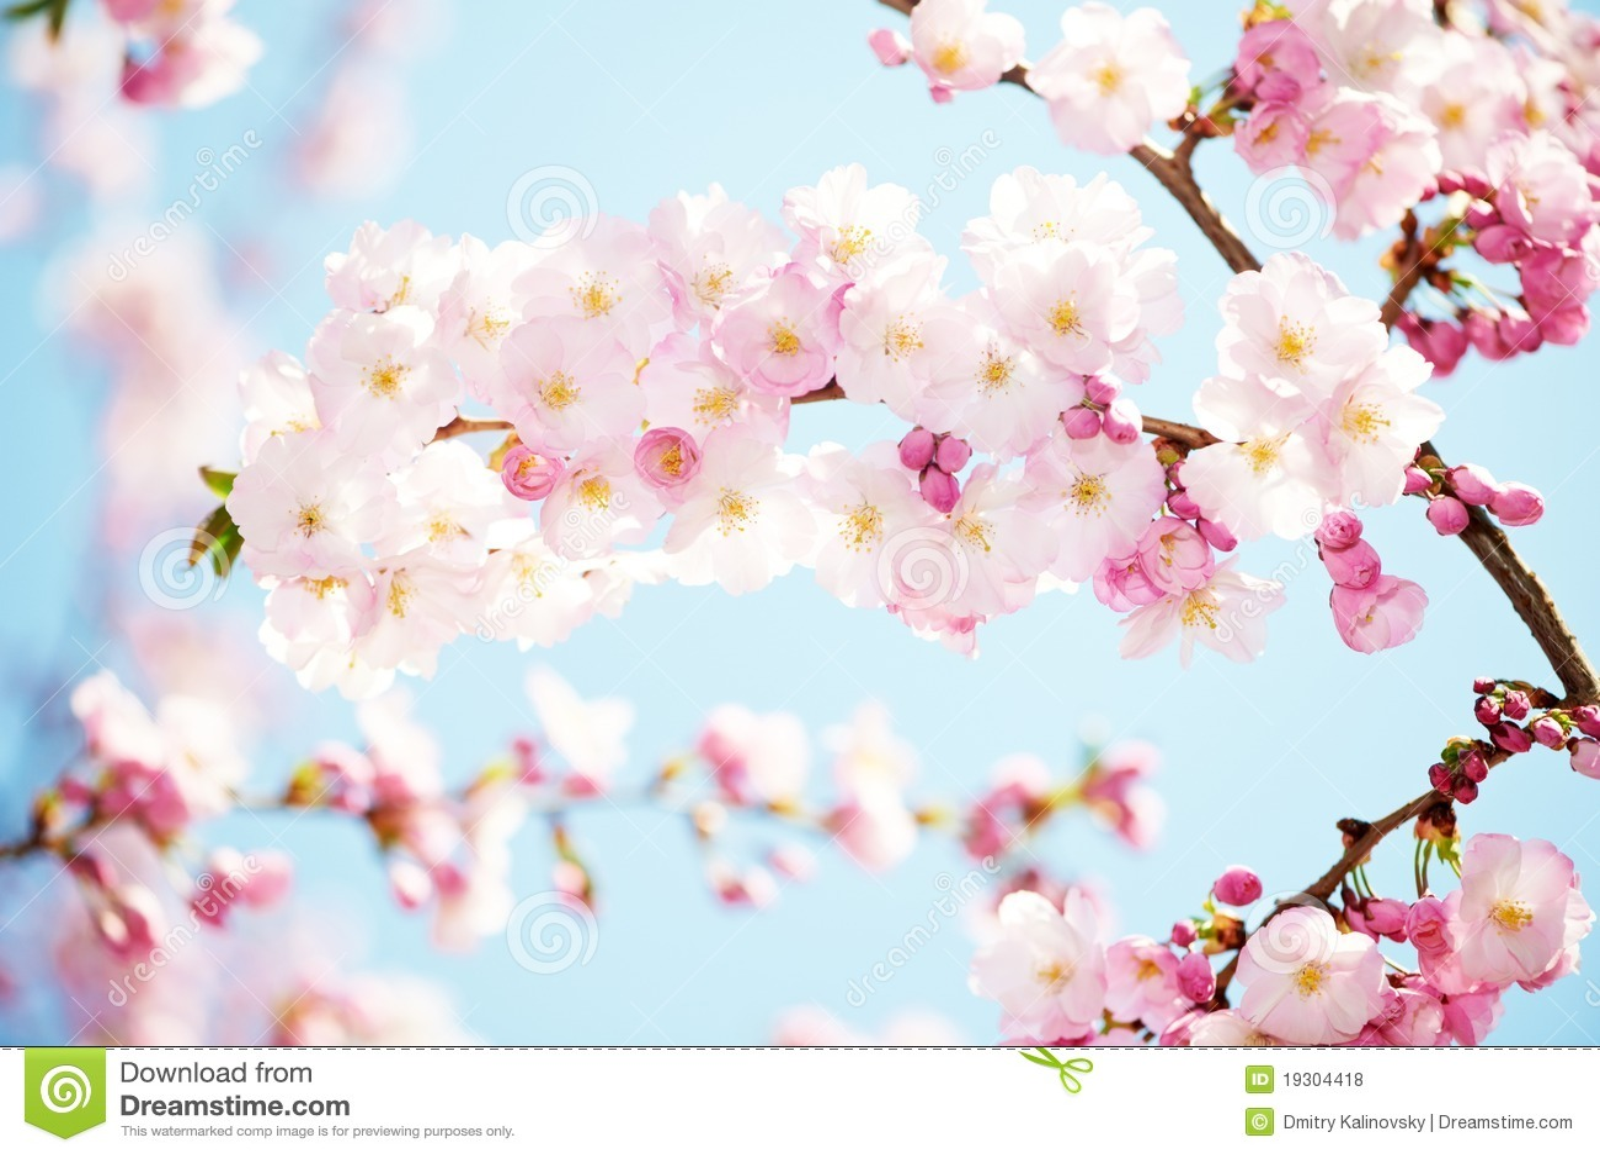 L 39 abricotier fleurit la fleur photos libres de droits for Taille de l abricotier